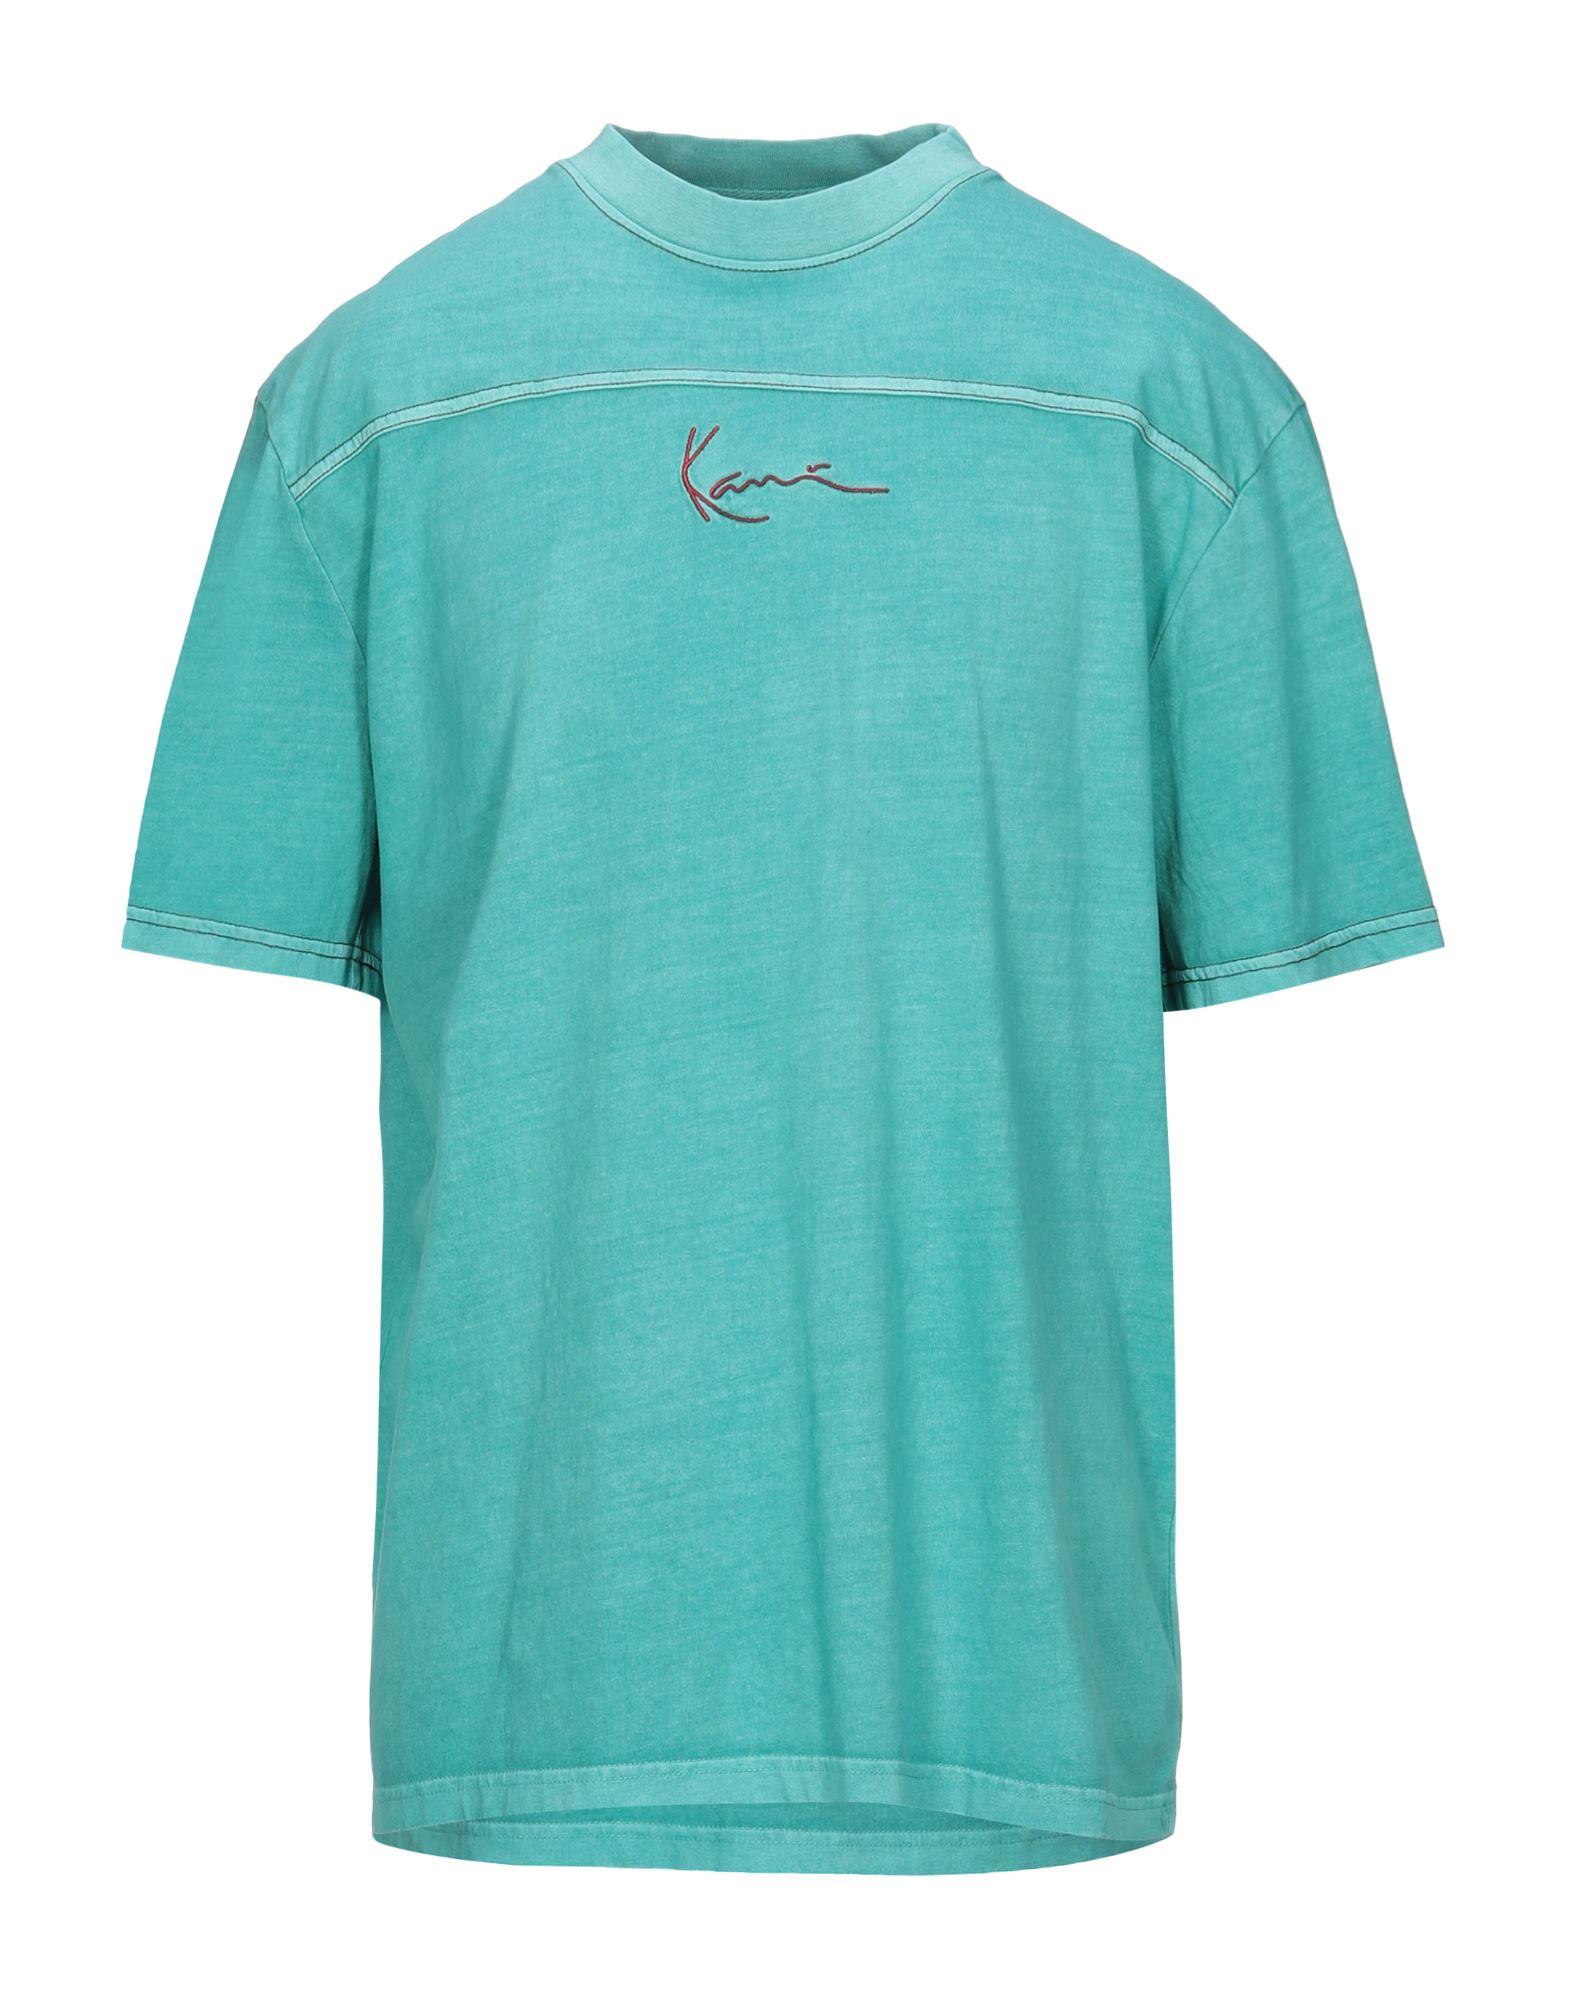 《セール開催中》KARL KANI メンズ T シャツ ターコイズブルー XS コットン 100%